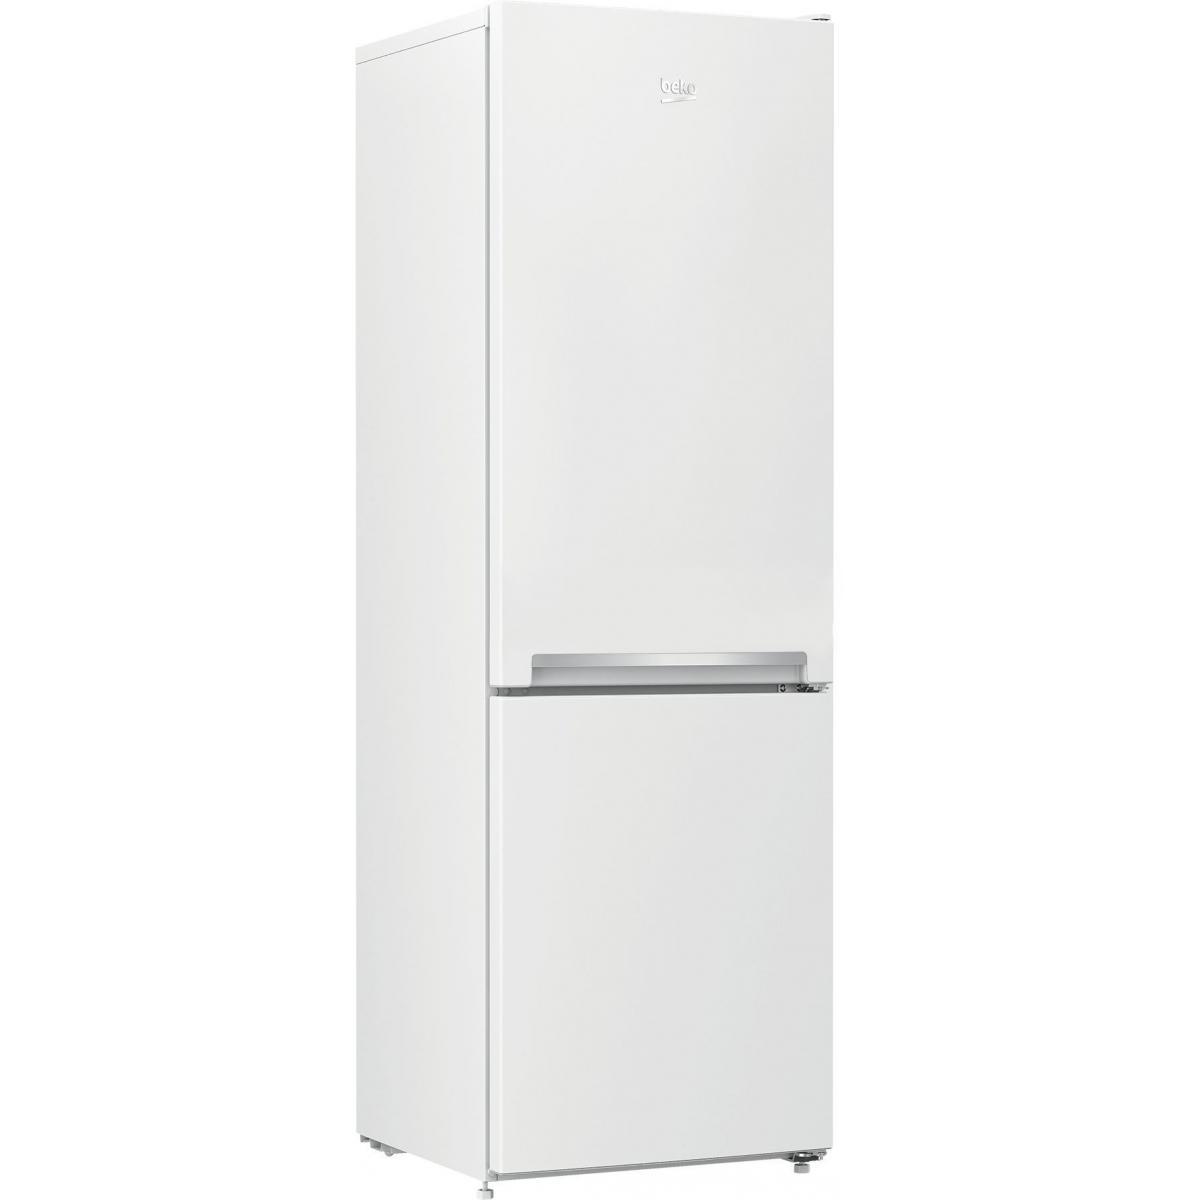 Beko Réfrigérateur combiné 262L Froid Statique BEKO 54cm A+, RCSA 270 K 30 WN